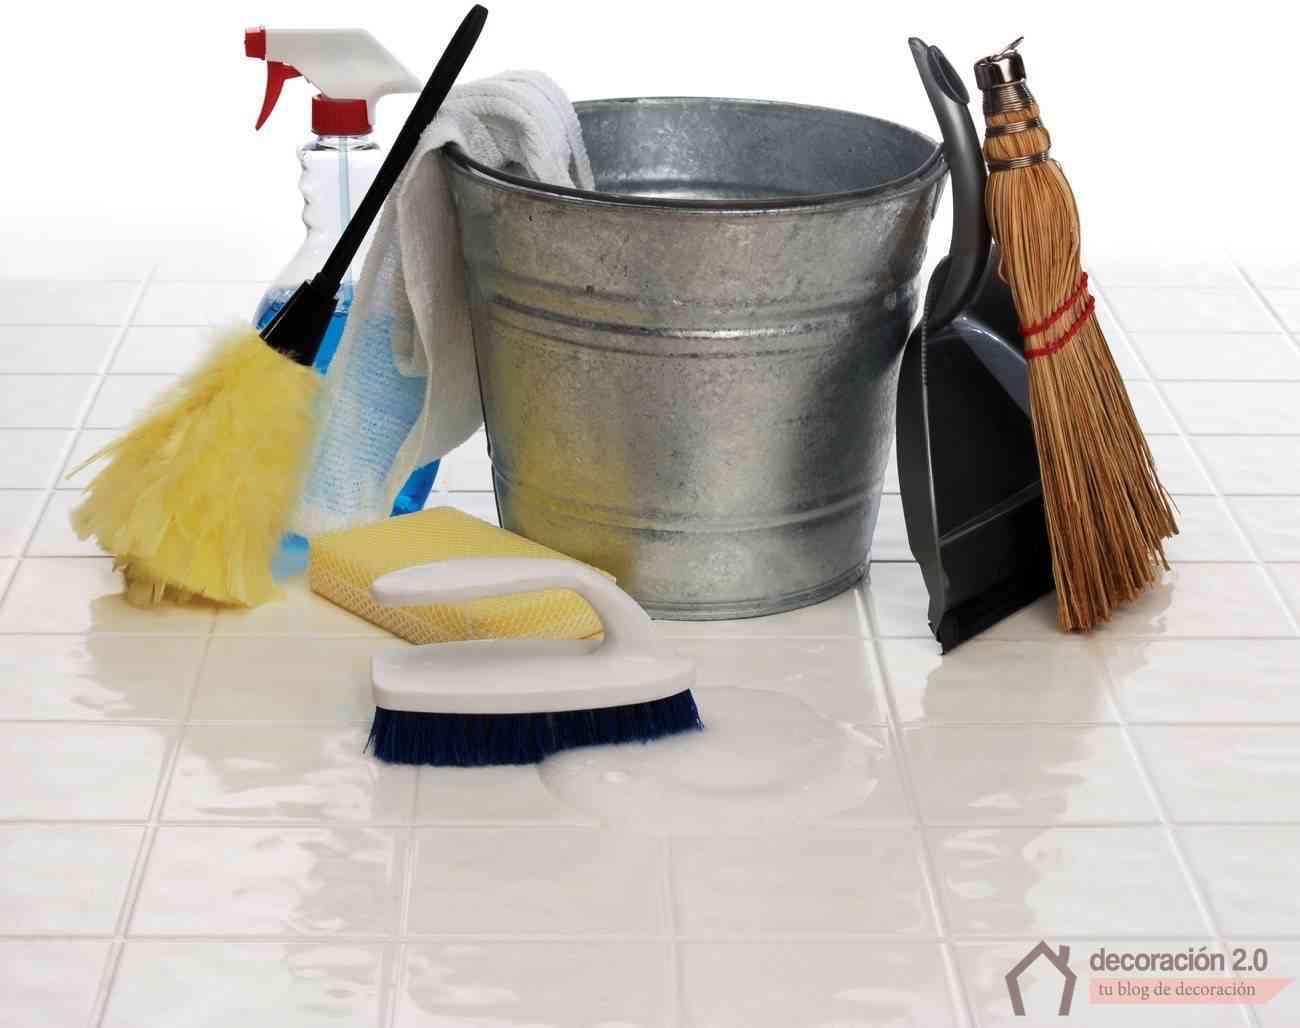 por ltimo otro consejo que os doy para que las juntas queden bien limpias es utilizar agua mezclada con leja luego con la mezcla frota las baldosas